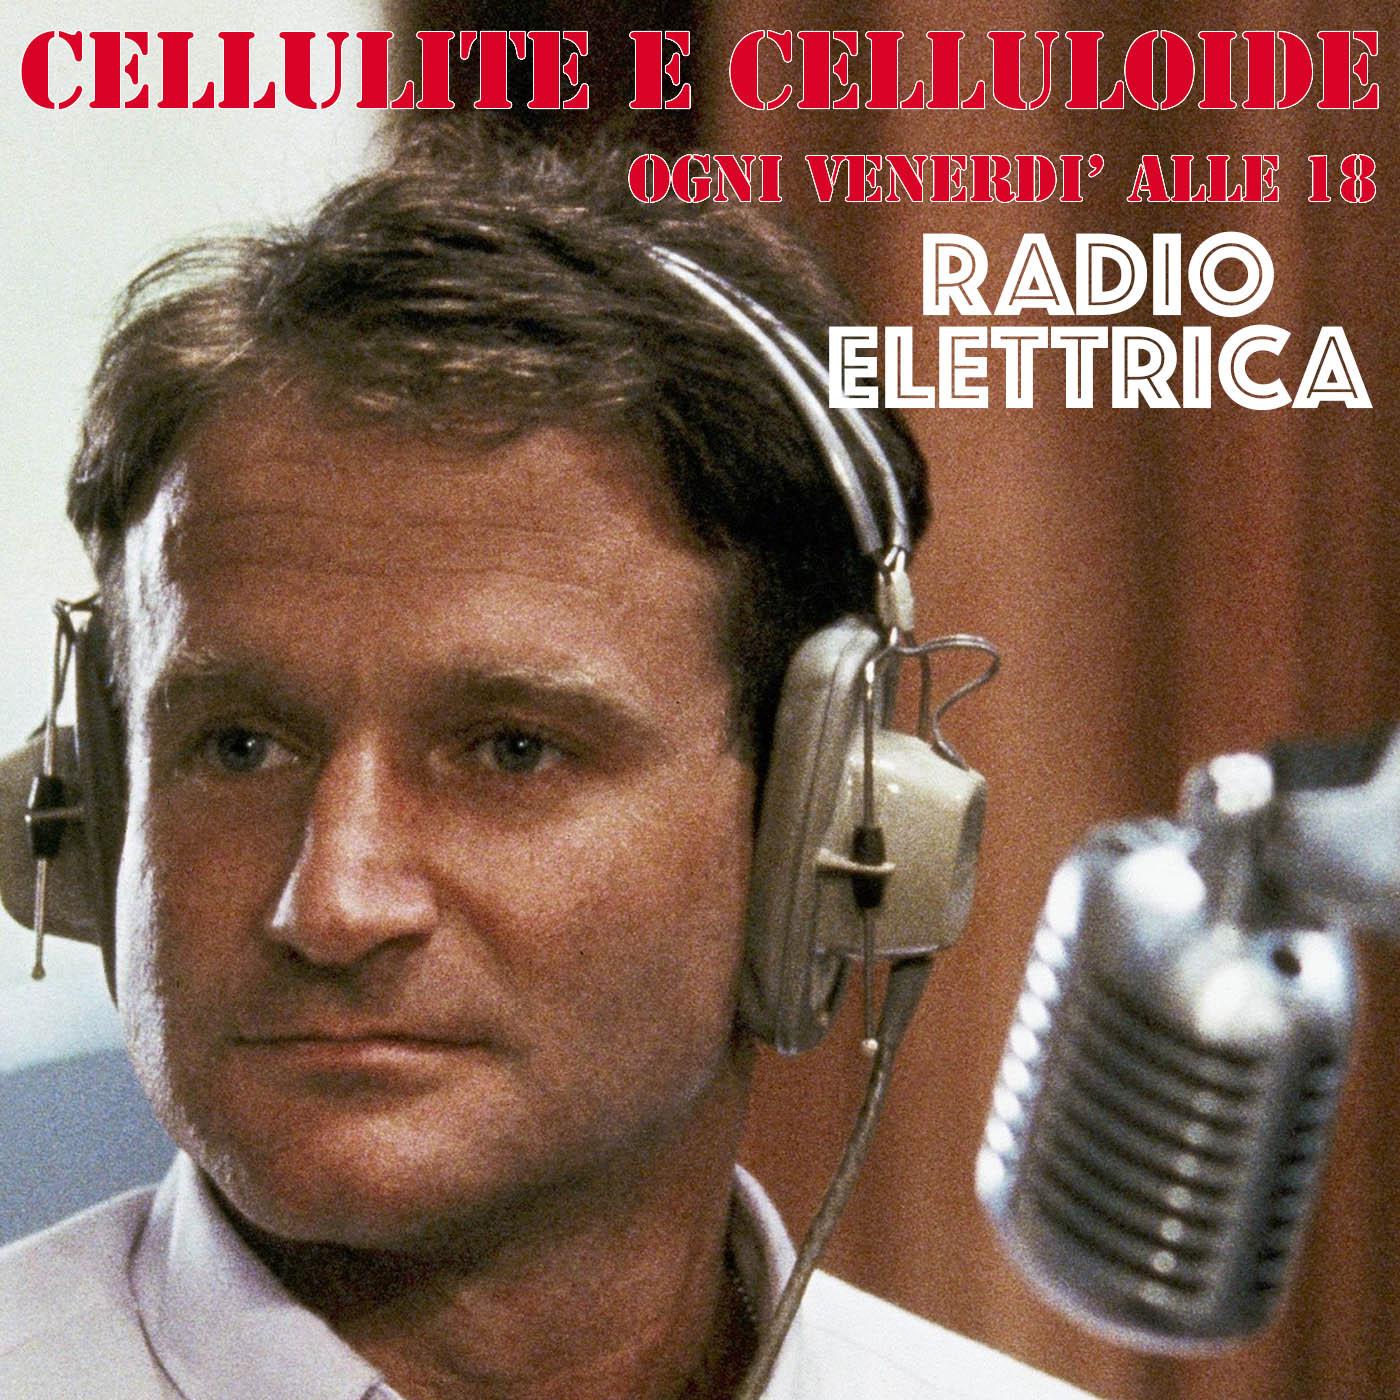 Cellulite e Celluloide - Il cinema su Radio Elettrica